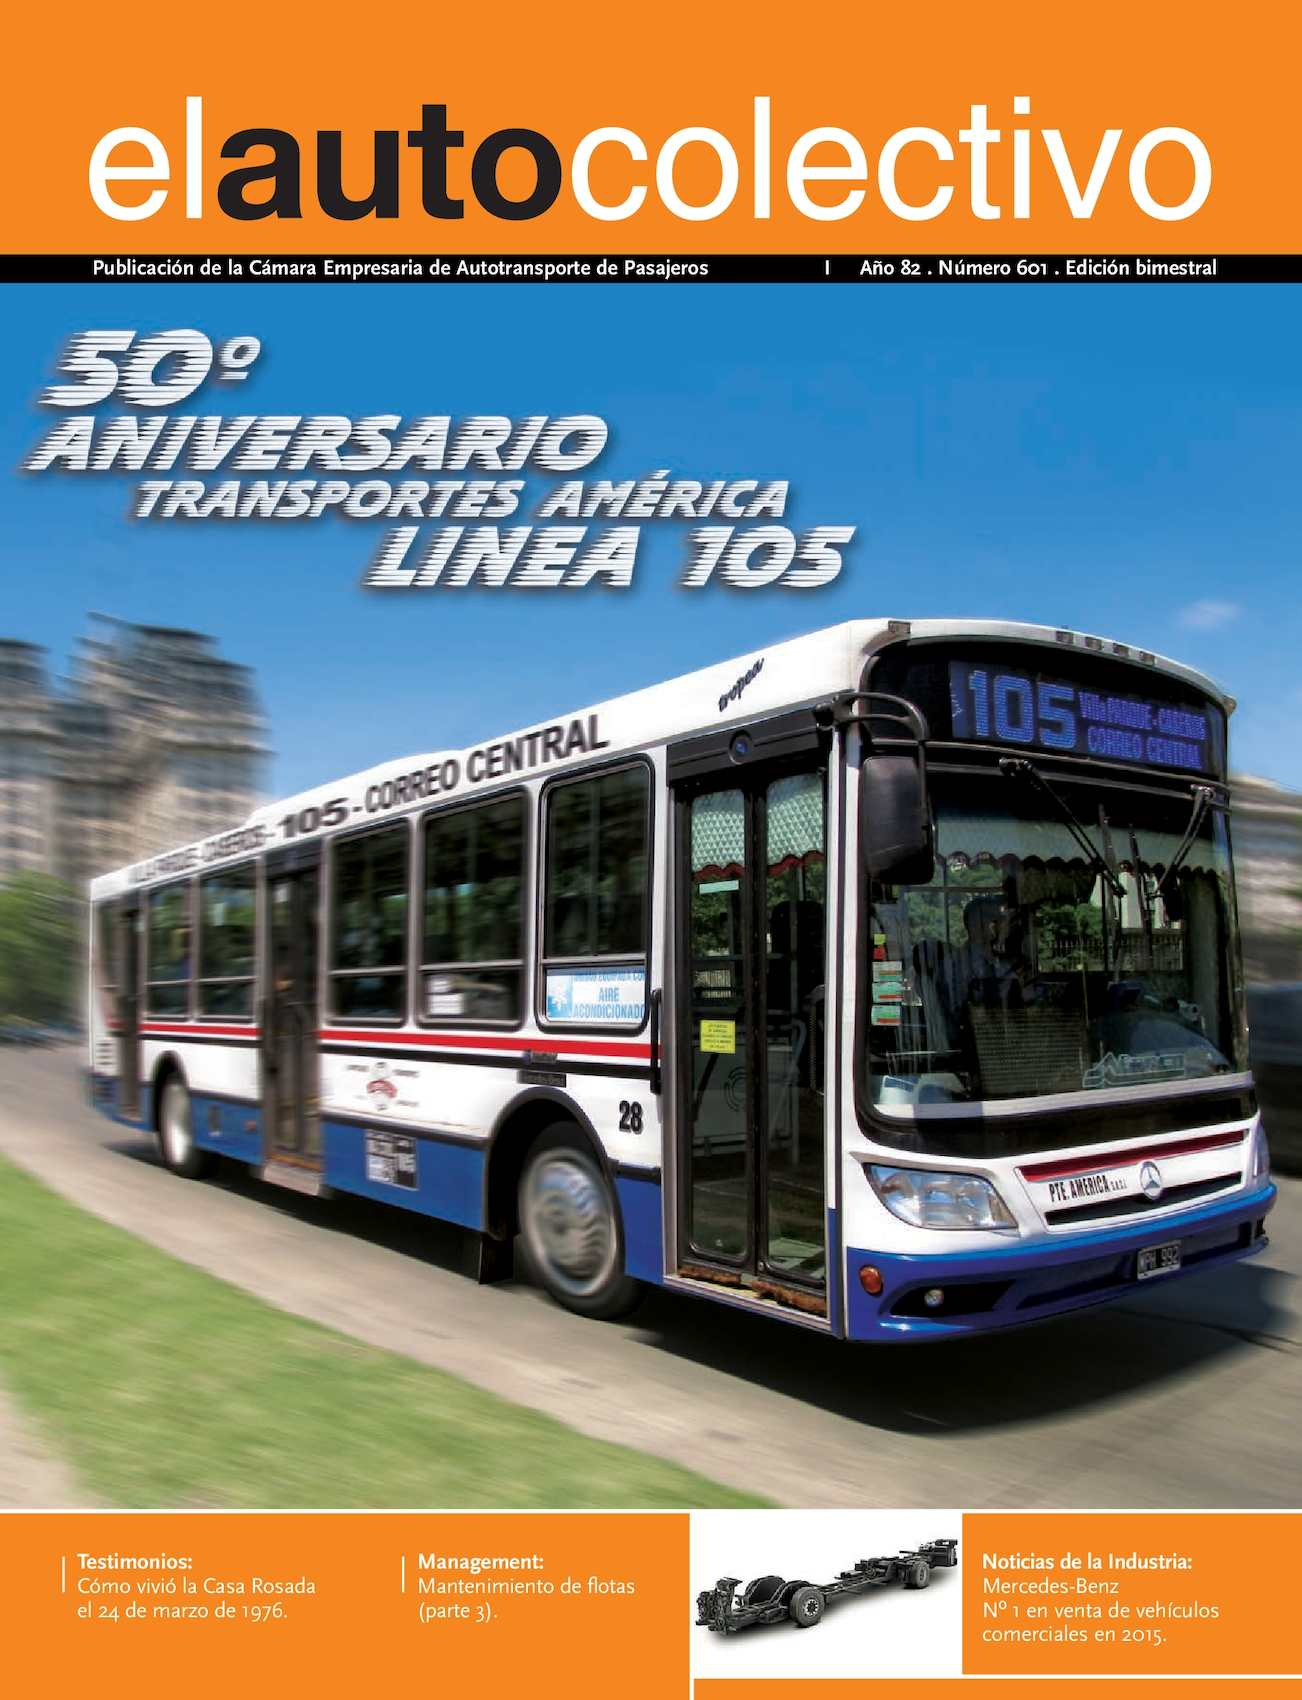 Calaméo - El AutoColectivo 601